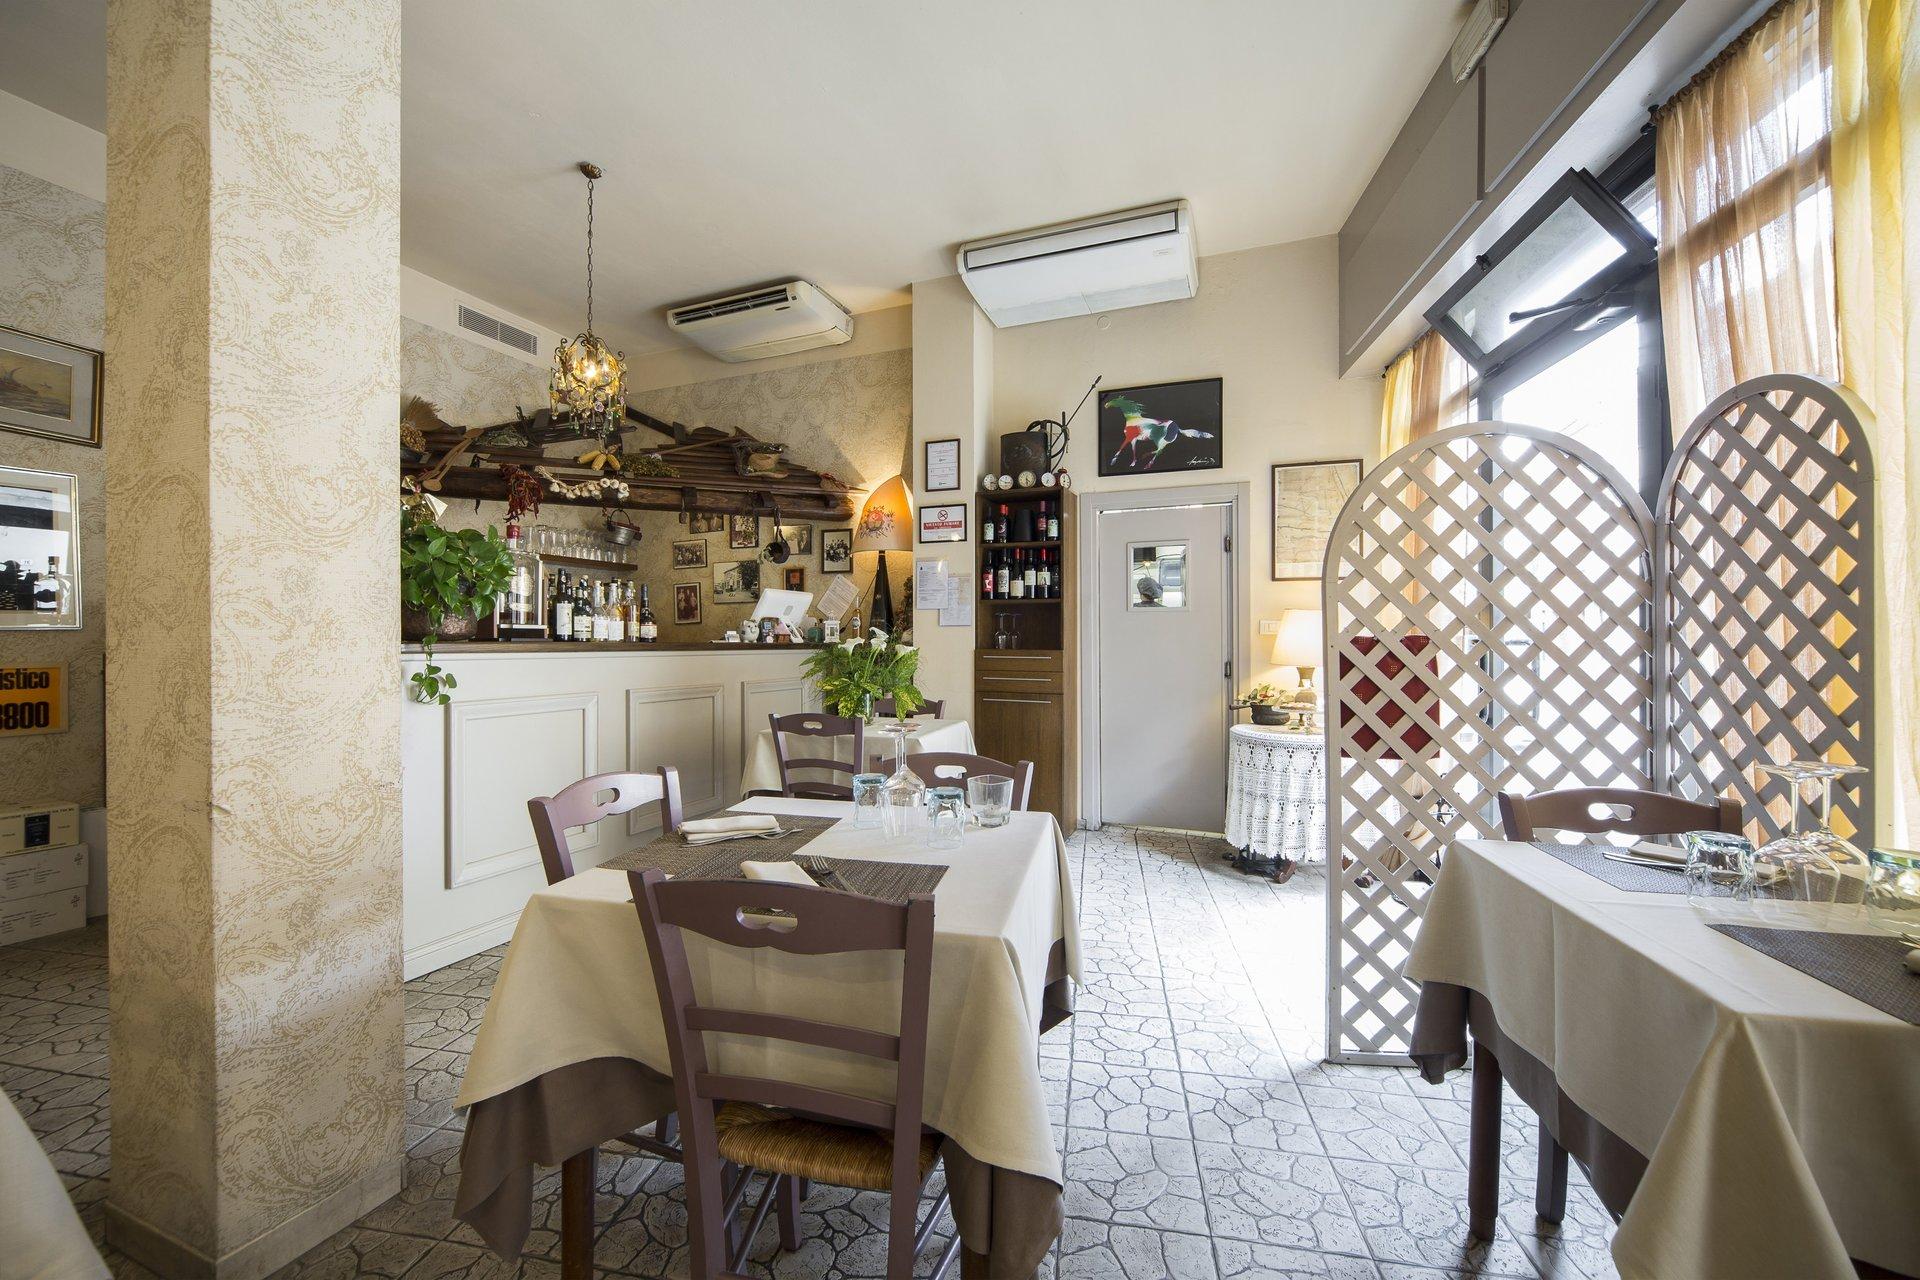 Cucina Romagnola Tradizionale  Ravenna  Trattoria La Rustica